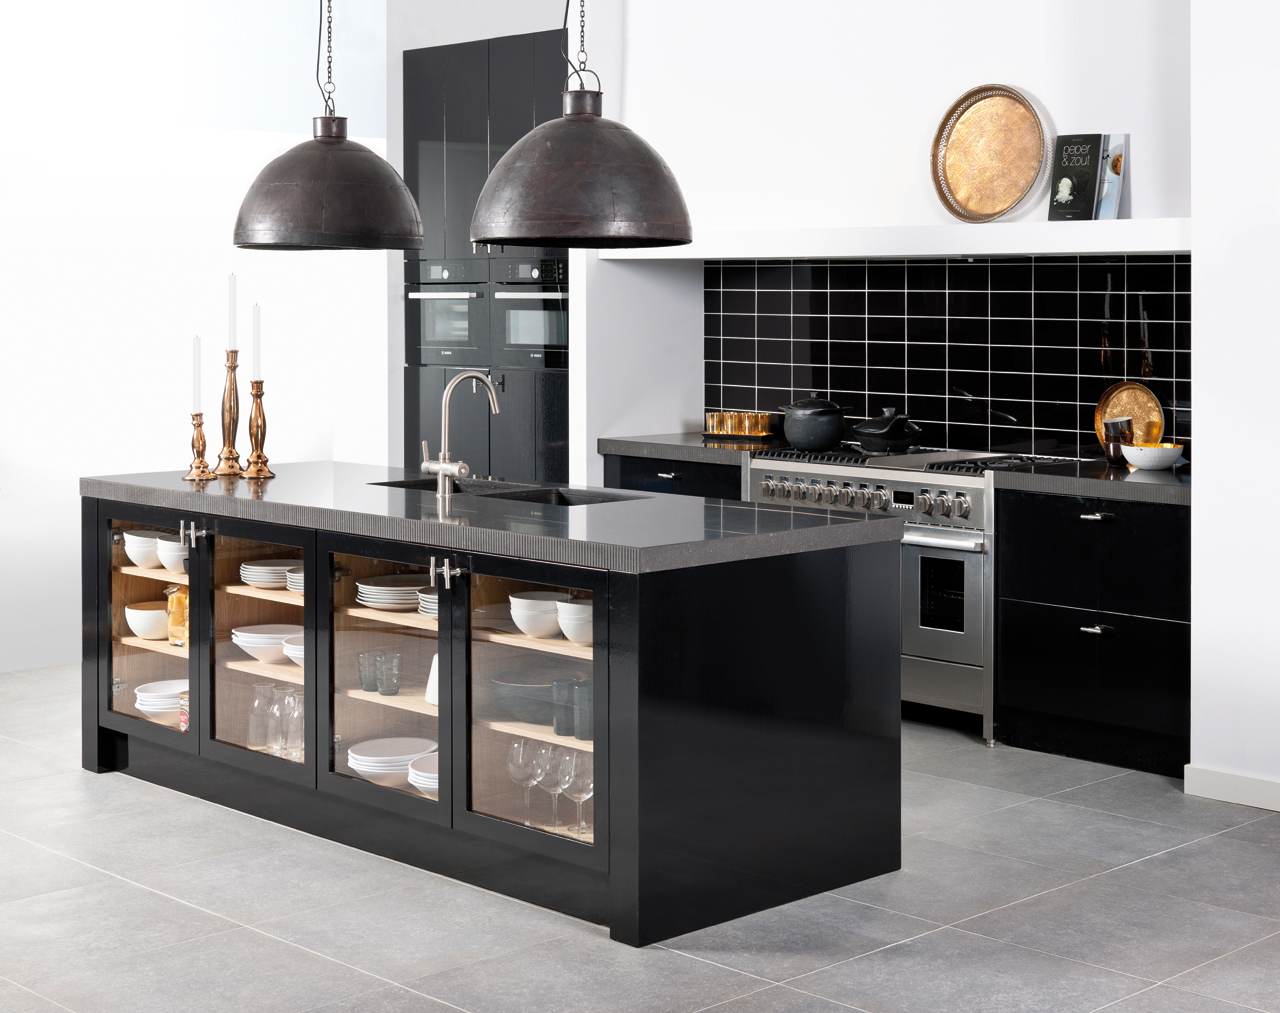 Grando vestiging in tilburg uw keuken